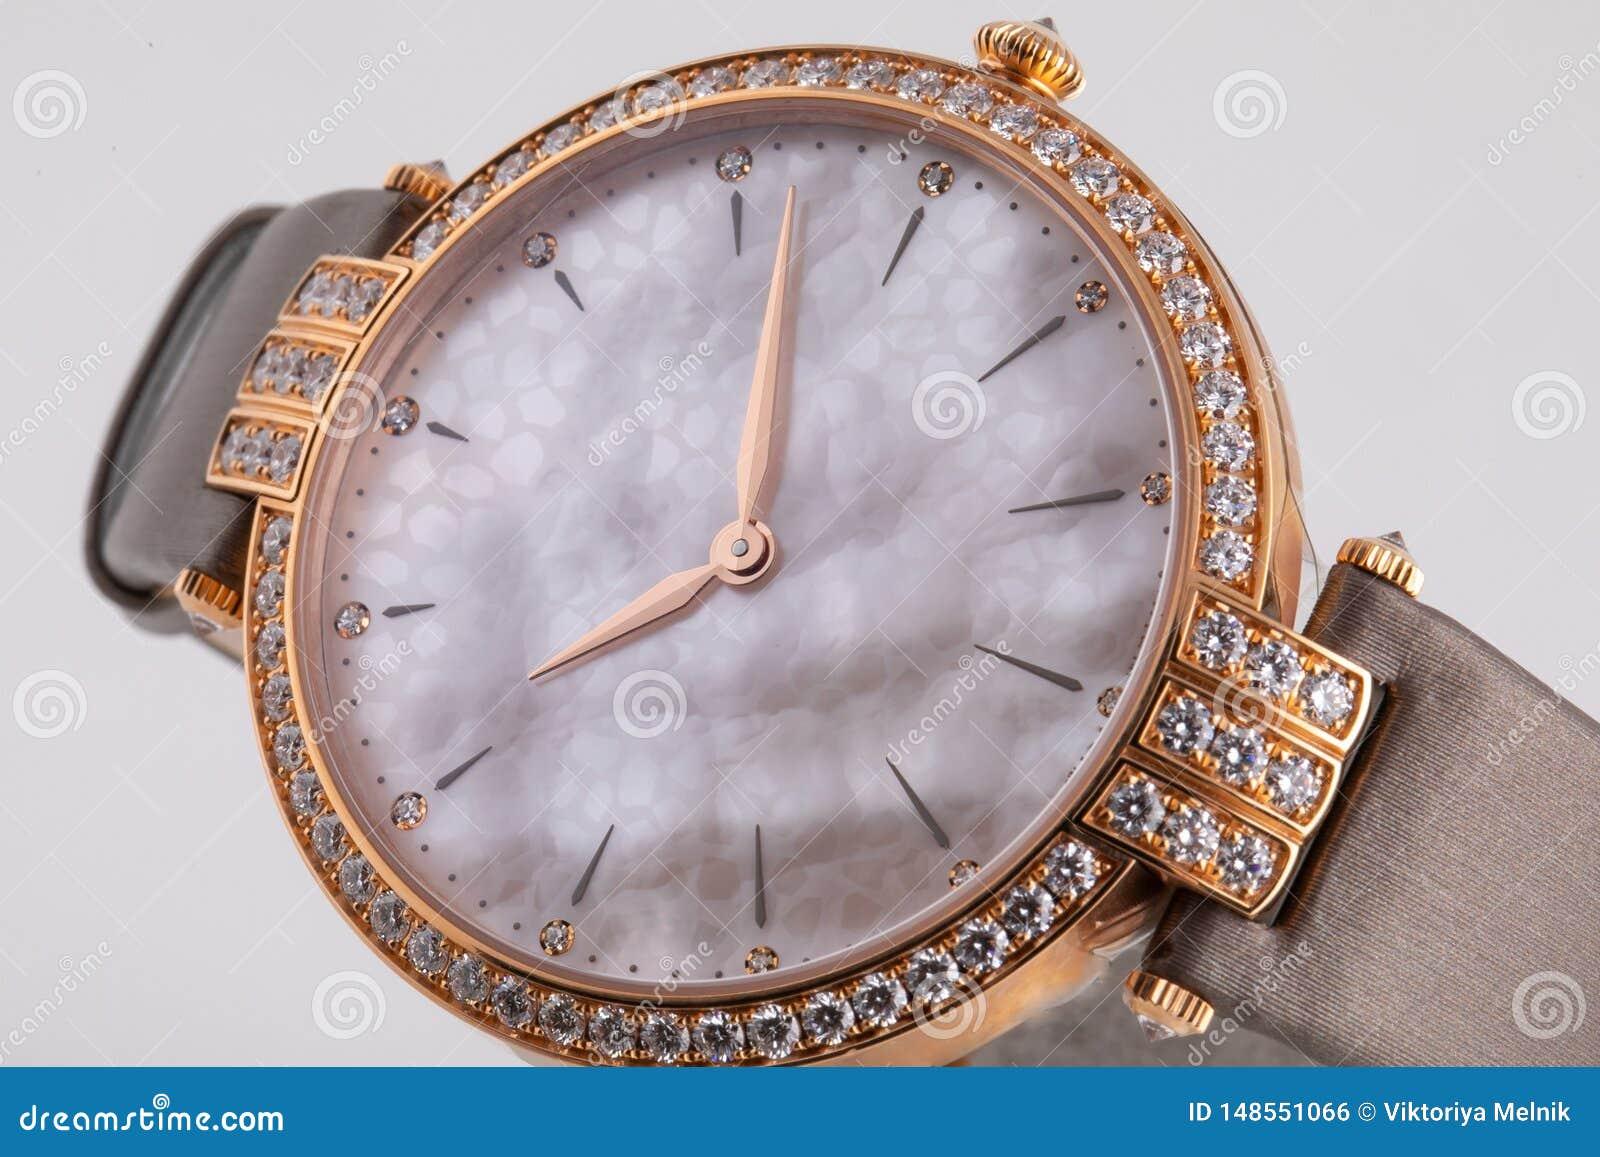 有顺时针方向一个灰色拨号盘的女性金表,金黄,构筑石头,与一条棕色布料皮带